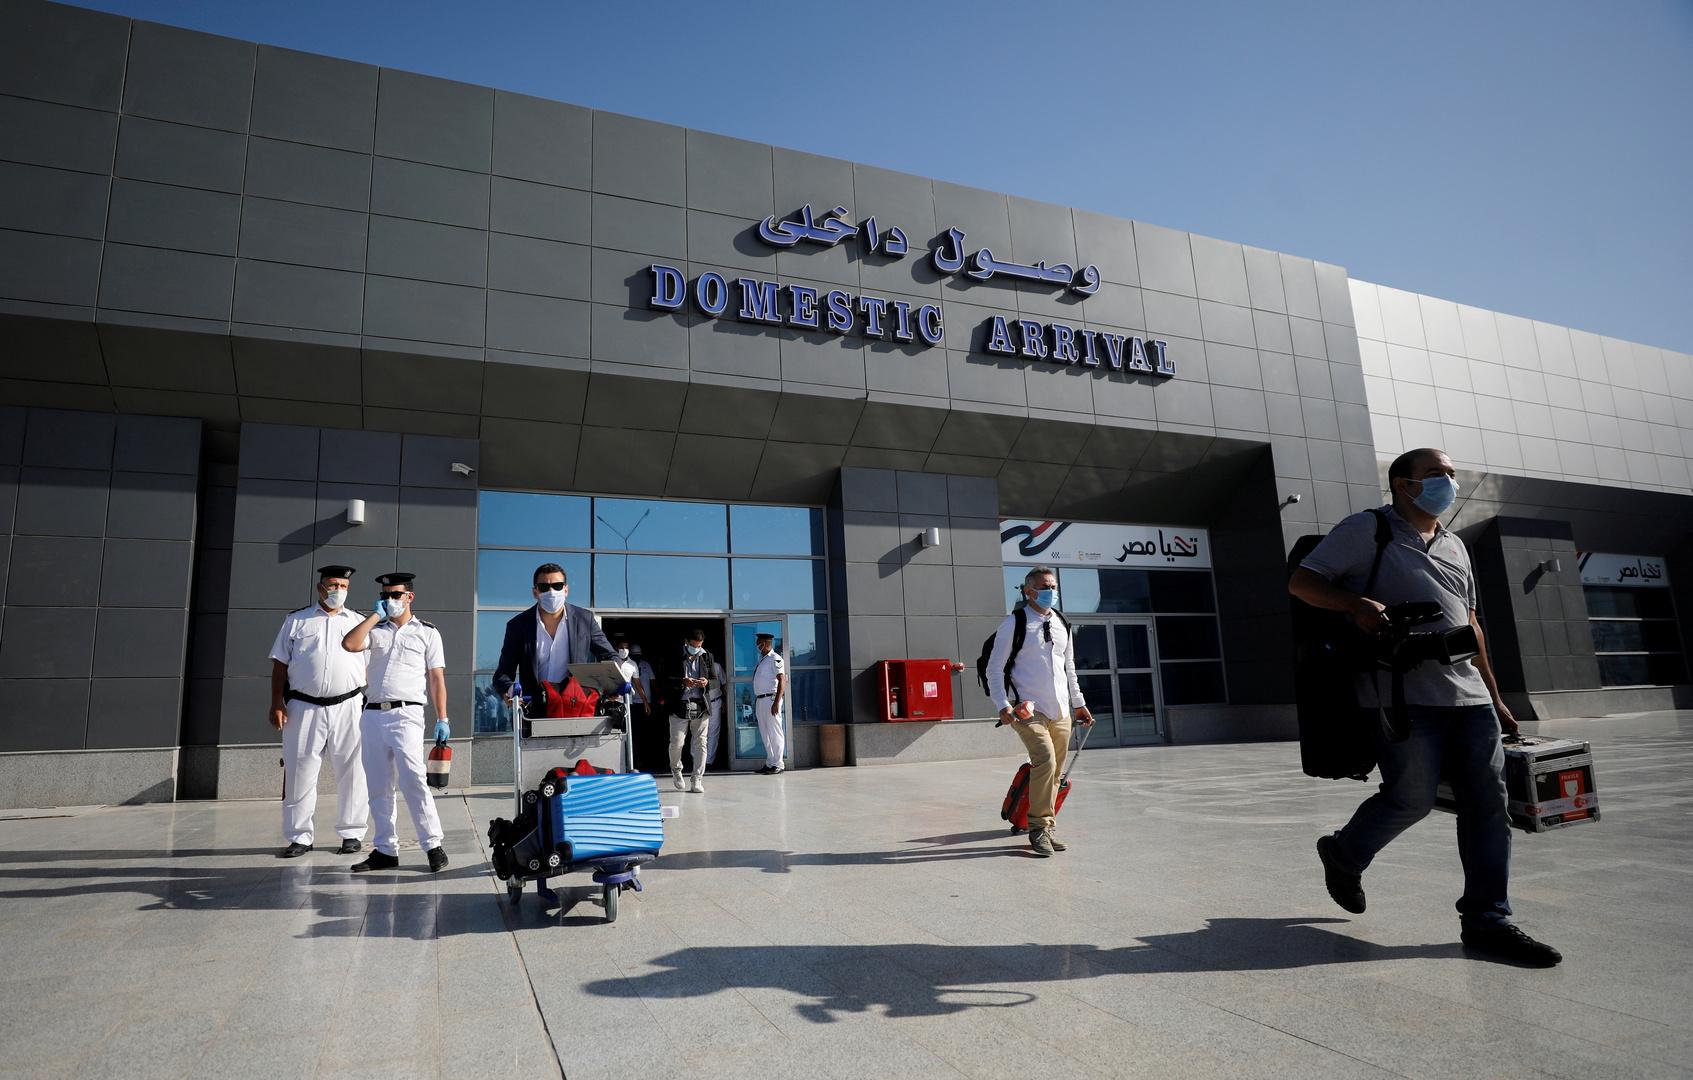 لسبب غريب.. القبض على مصري في مطار القاهرة عاد بعد غياب 30 عاما